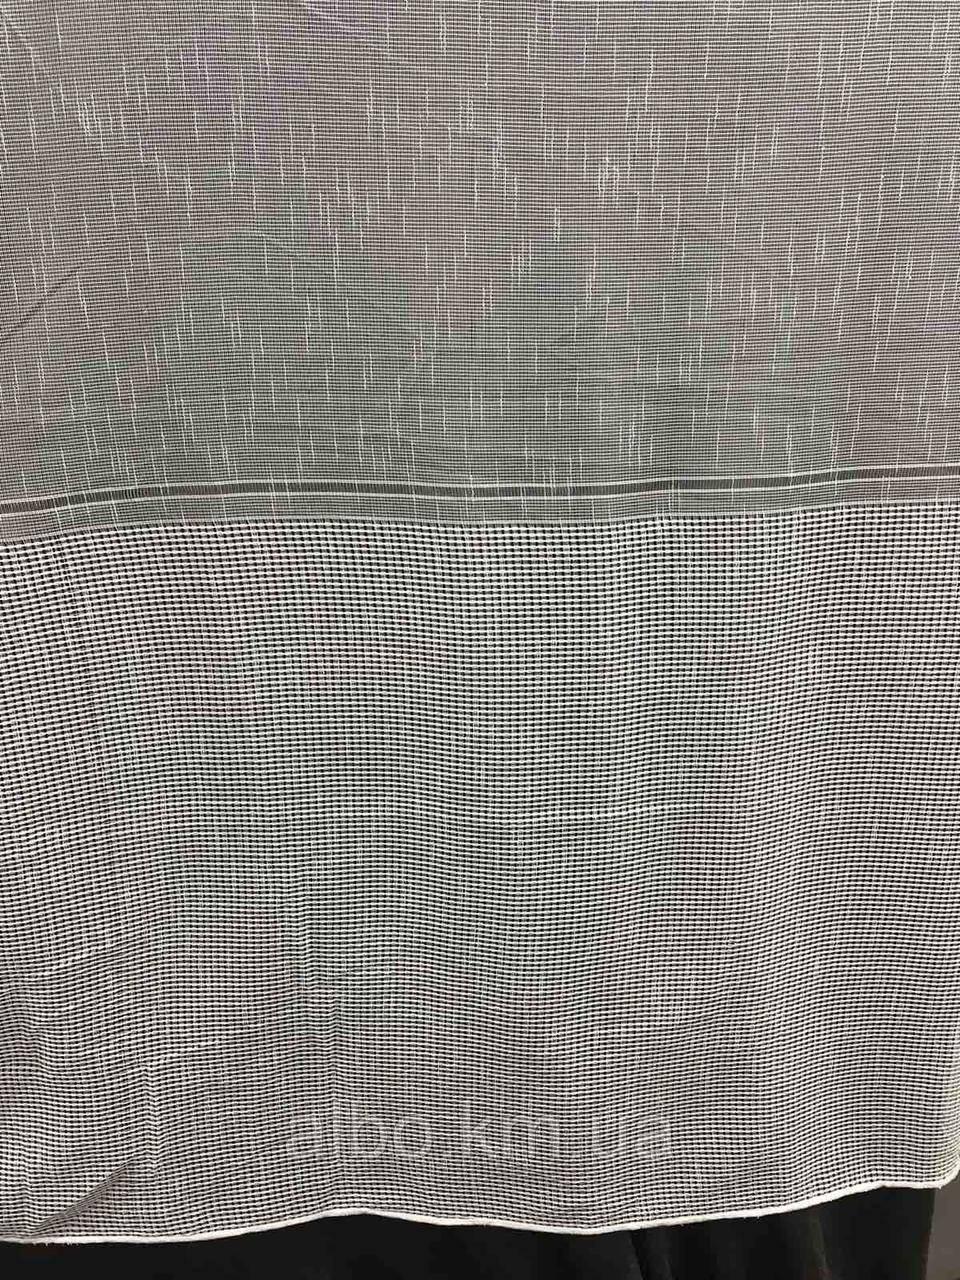 Гарний тюль з льону кремового кольору на метраж, висота 2.8 м (330-1)